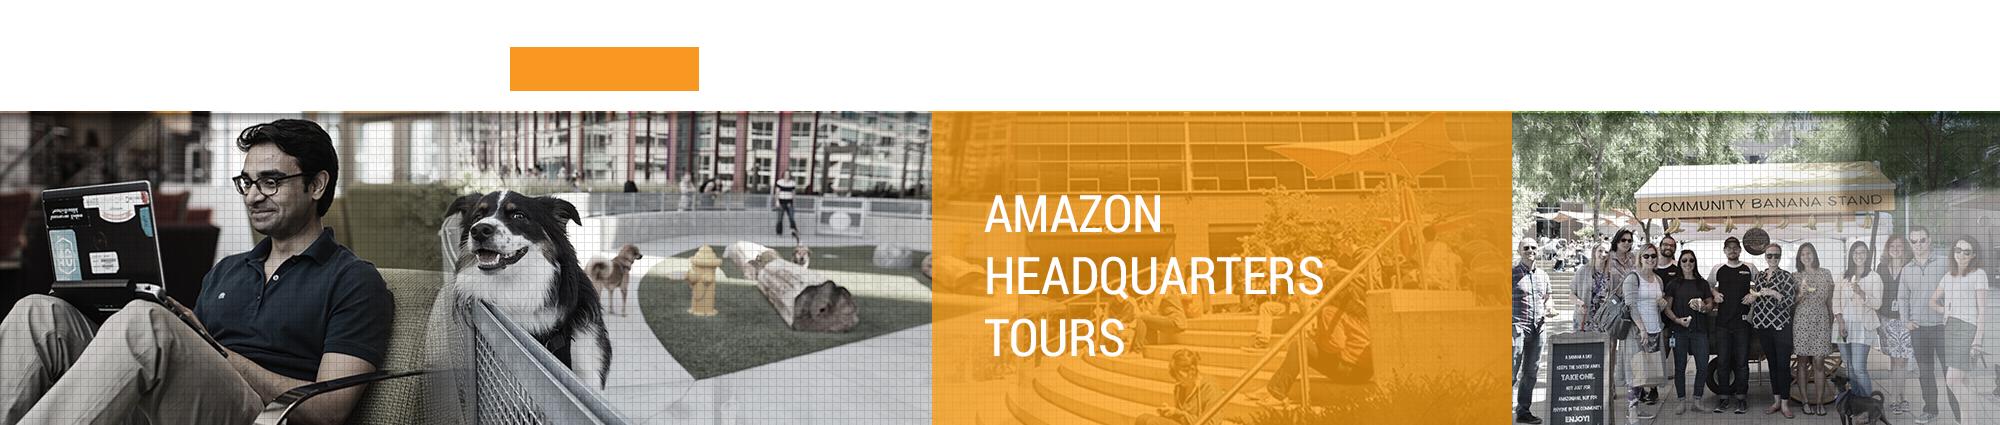 Amazon Headquarters Tours